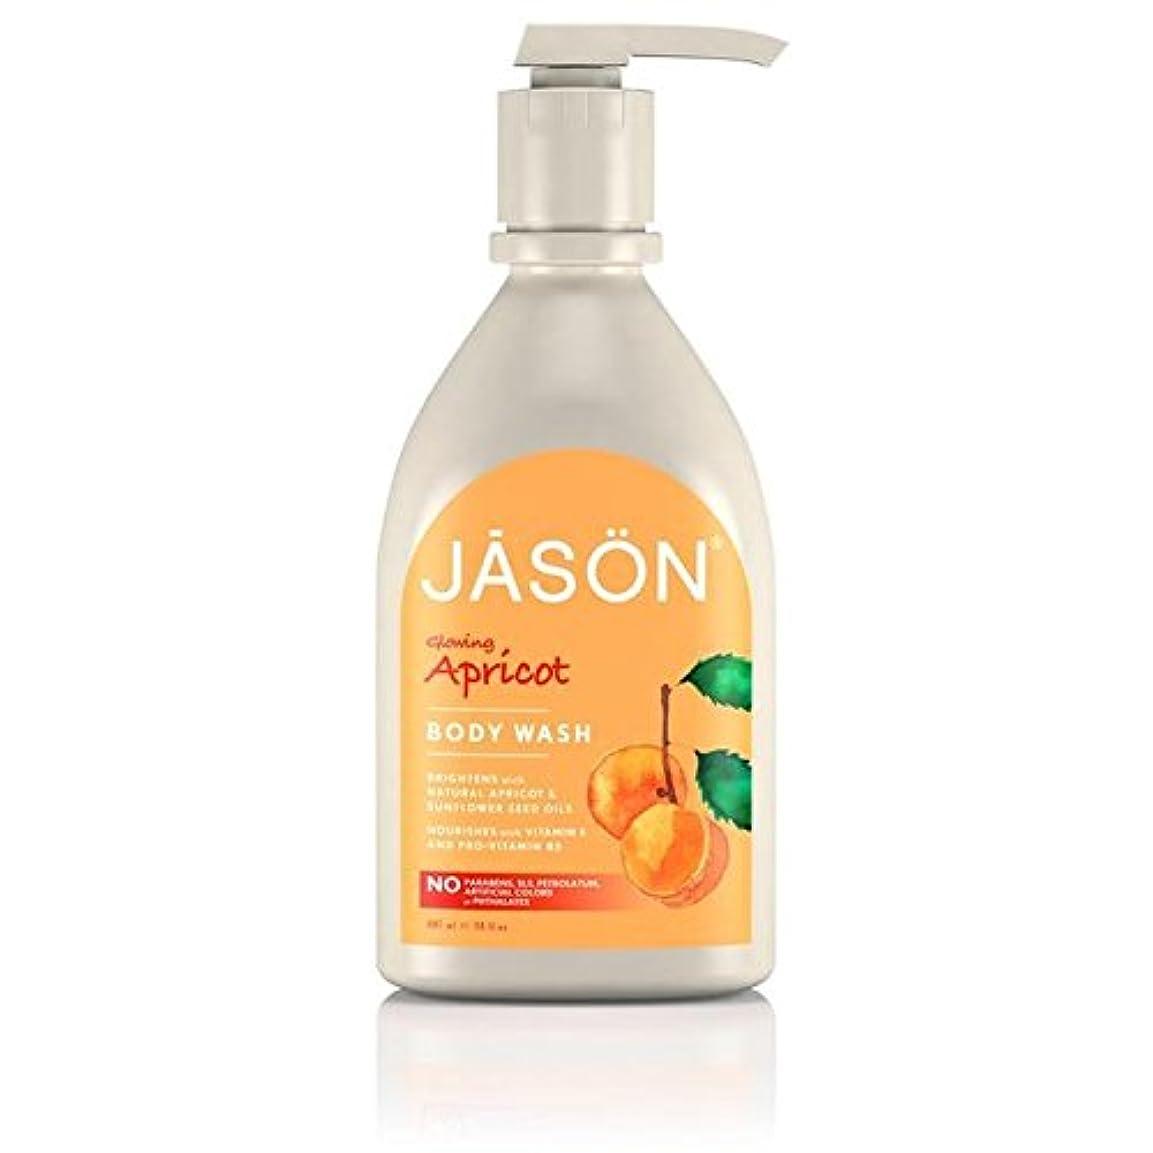 半球工場限りなくジェイソン?アプリコットサテンボディウォッシュポンプ900ミリリットル x2 - Jason Apricot Satin Body Wash Pump 900ml (Pack of 2) [並行輸入品]